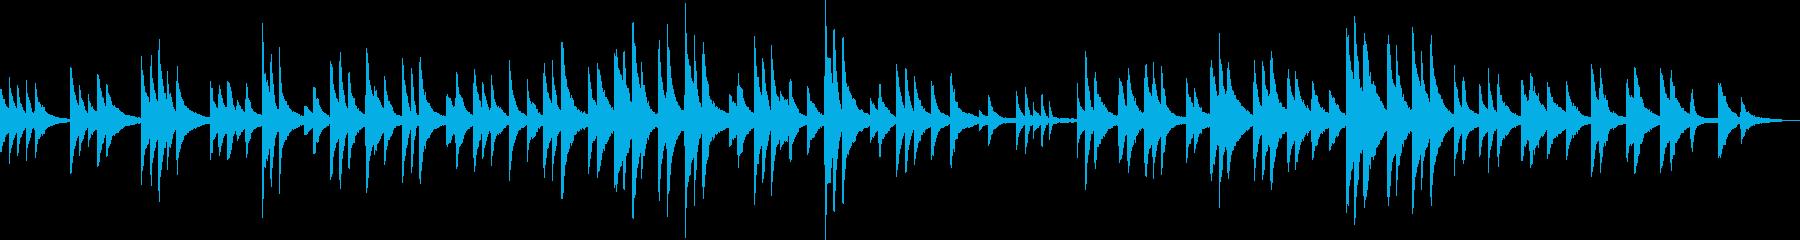 変わらない風景(ピアノ・バラード)の再生済みの波形